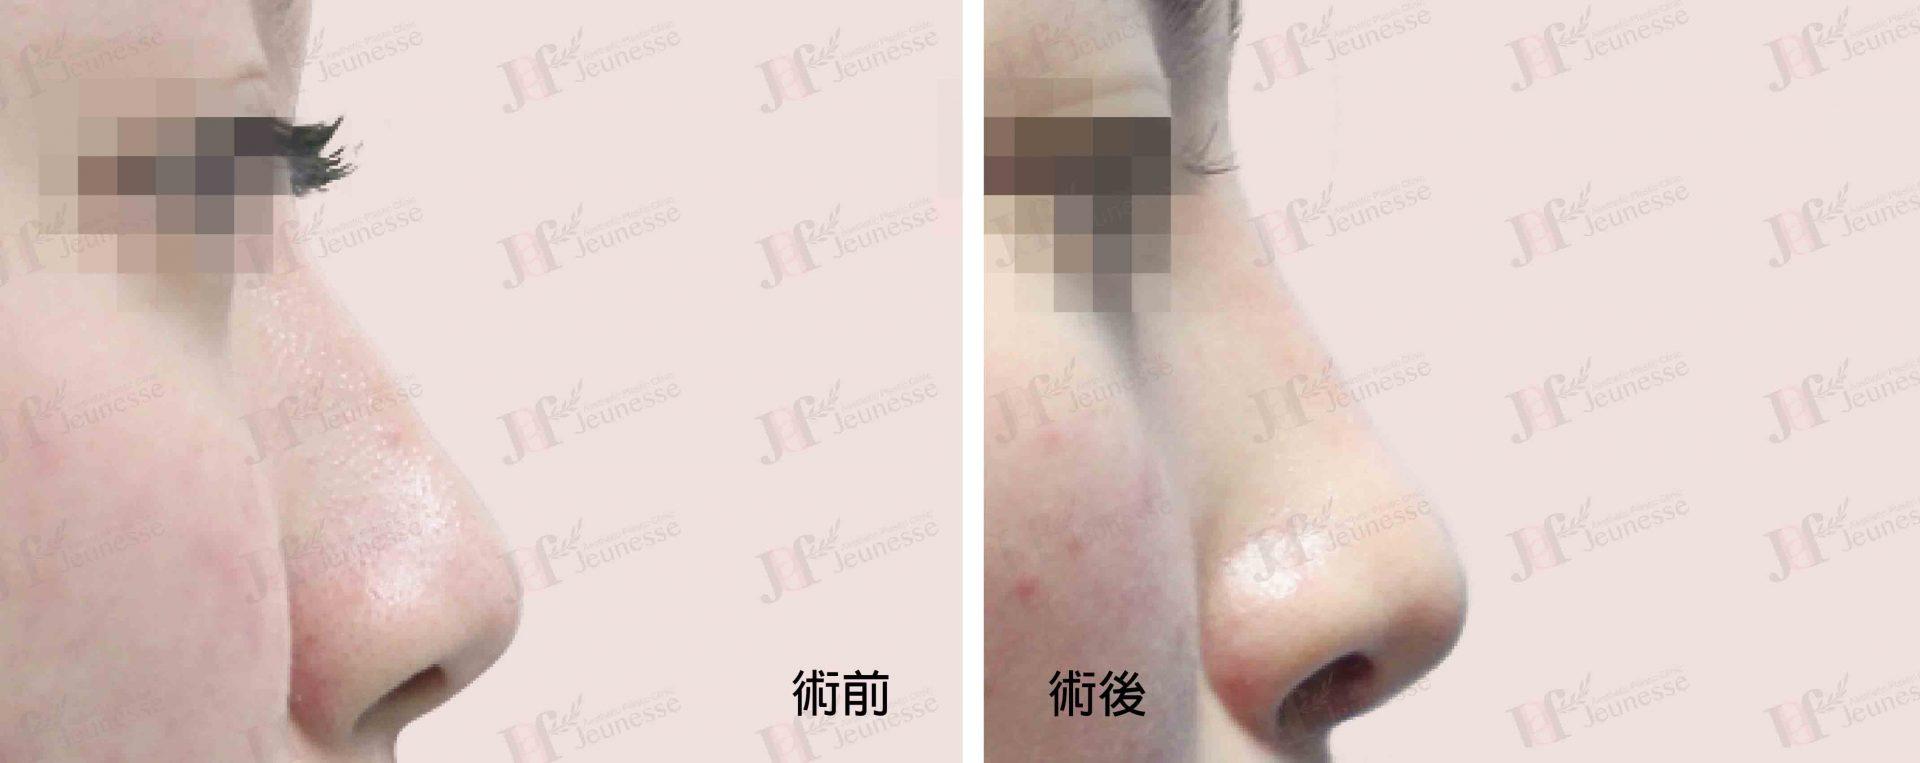 隆鼻 case1 側面-浮水印